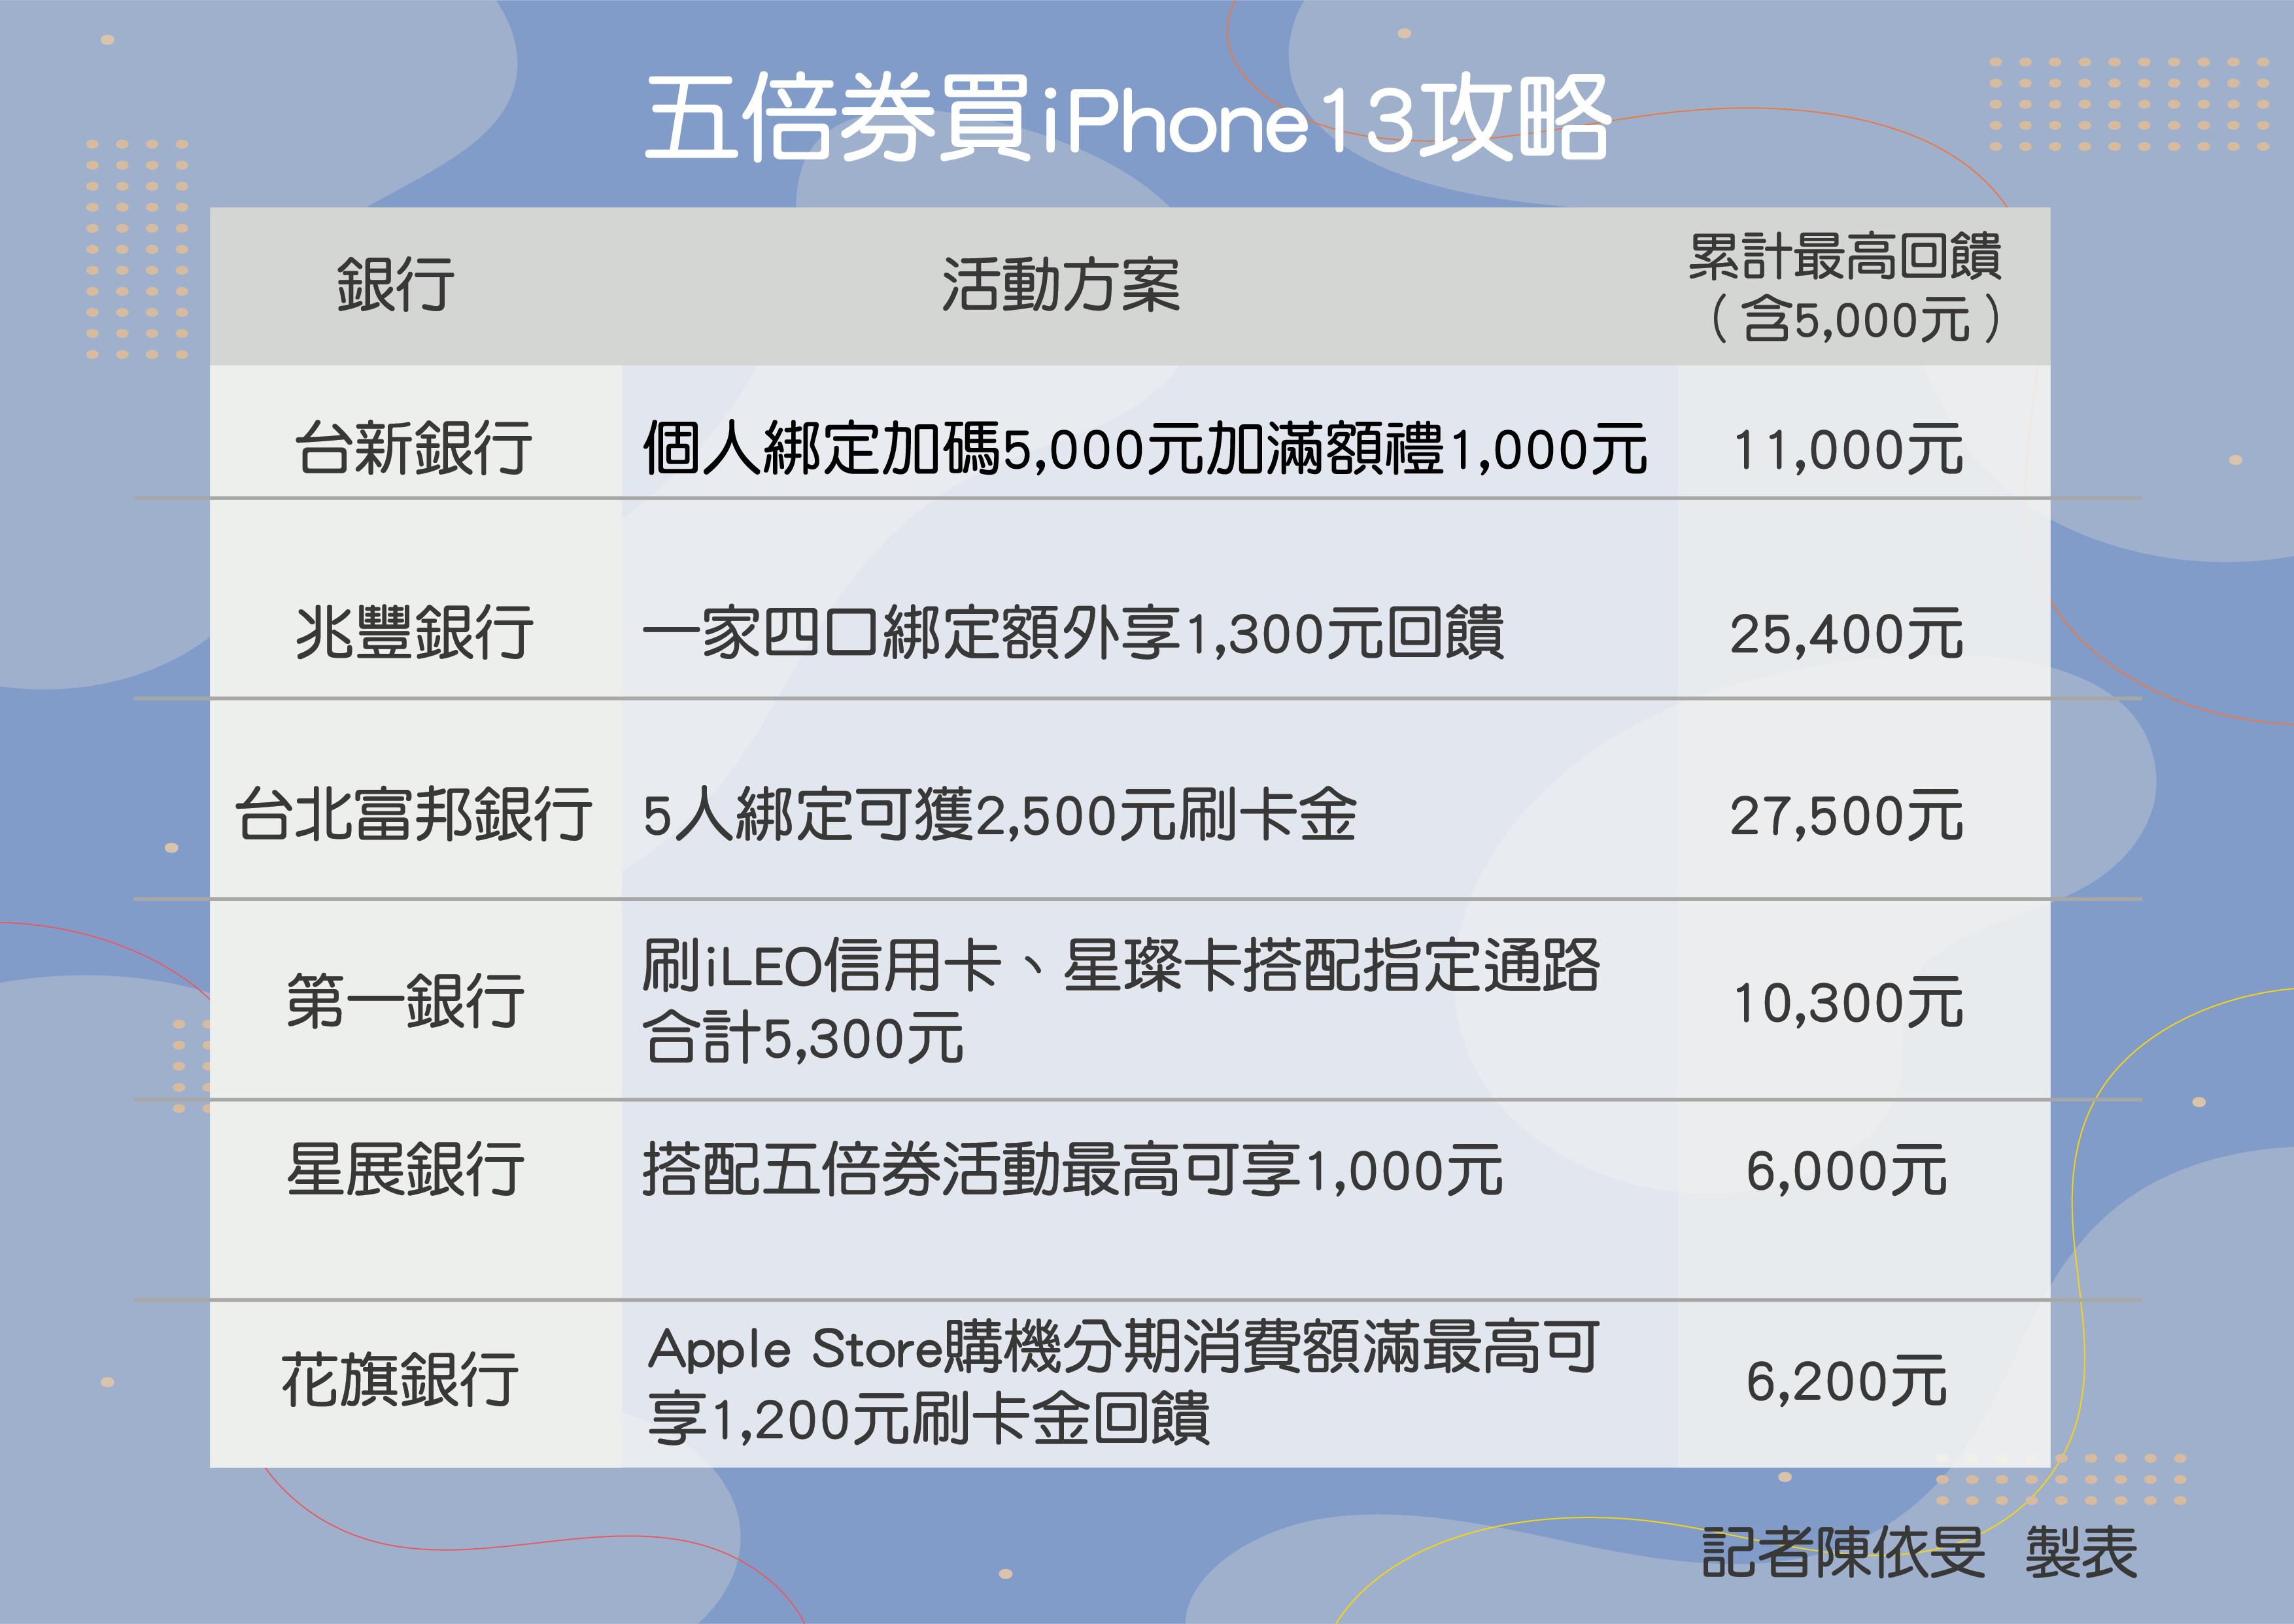 ▲1圖看懂五倍券怎麼買iPhone13最省。(圖/記者陳依旻製表)